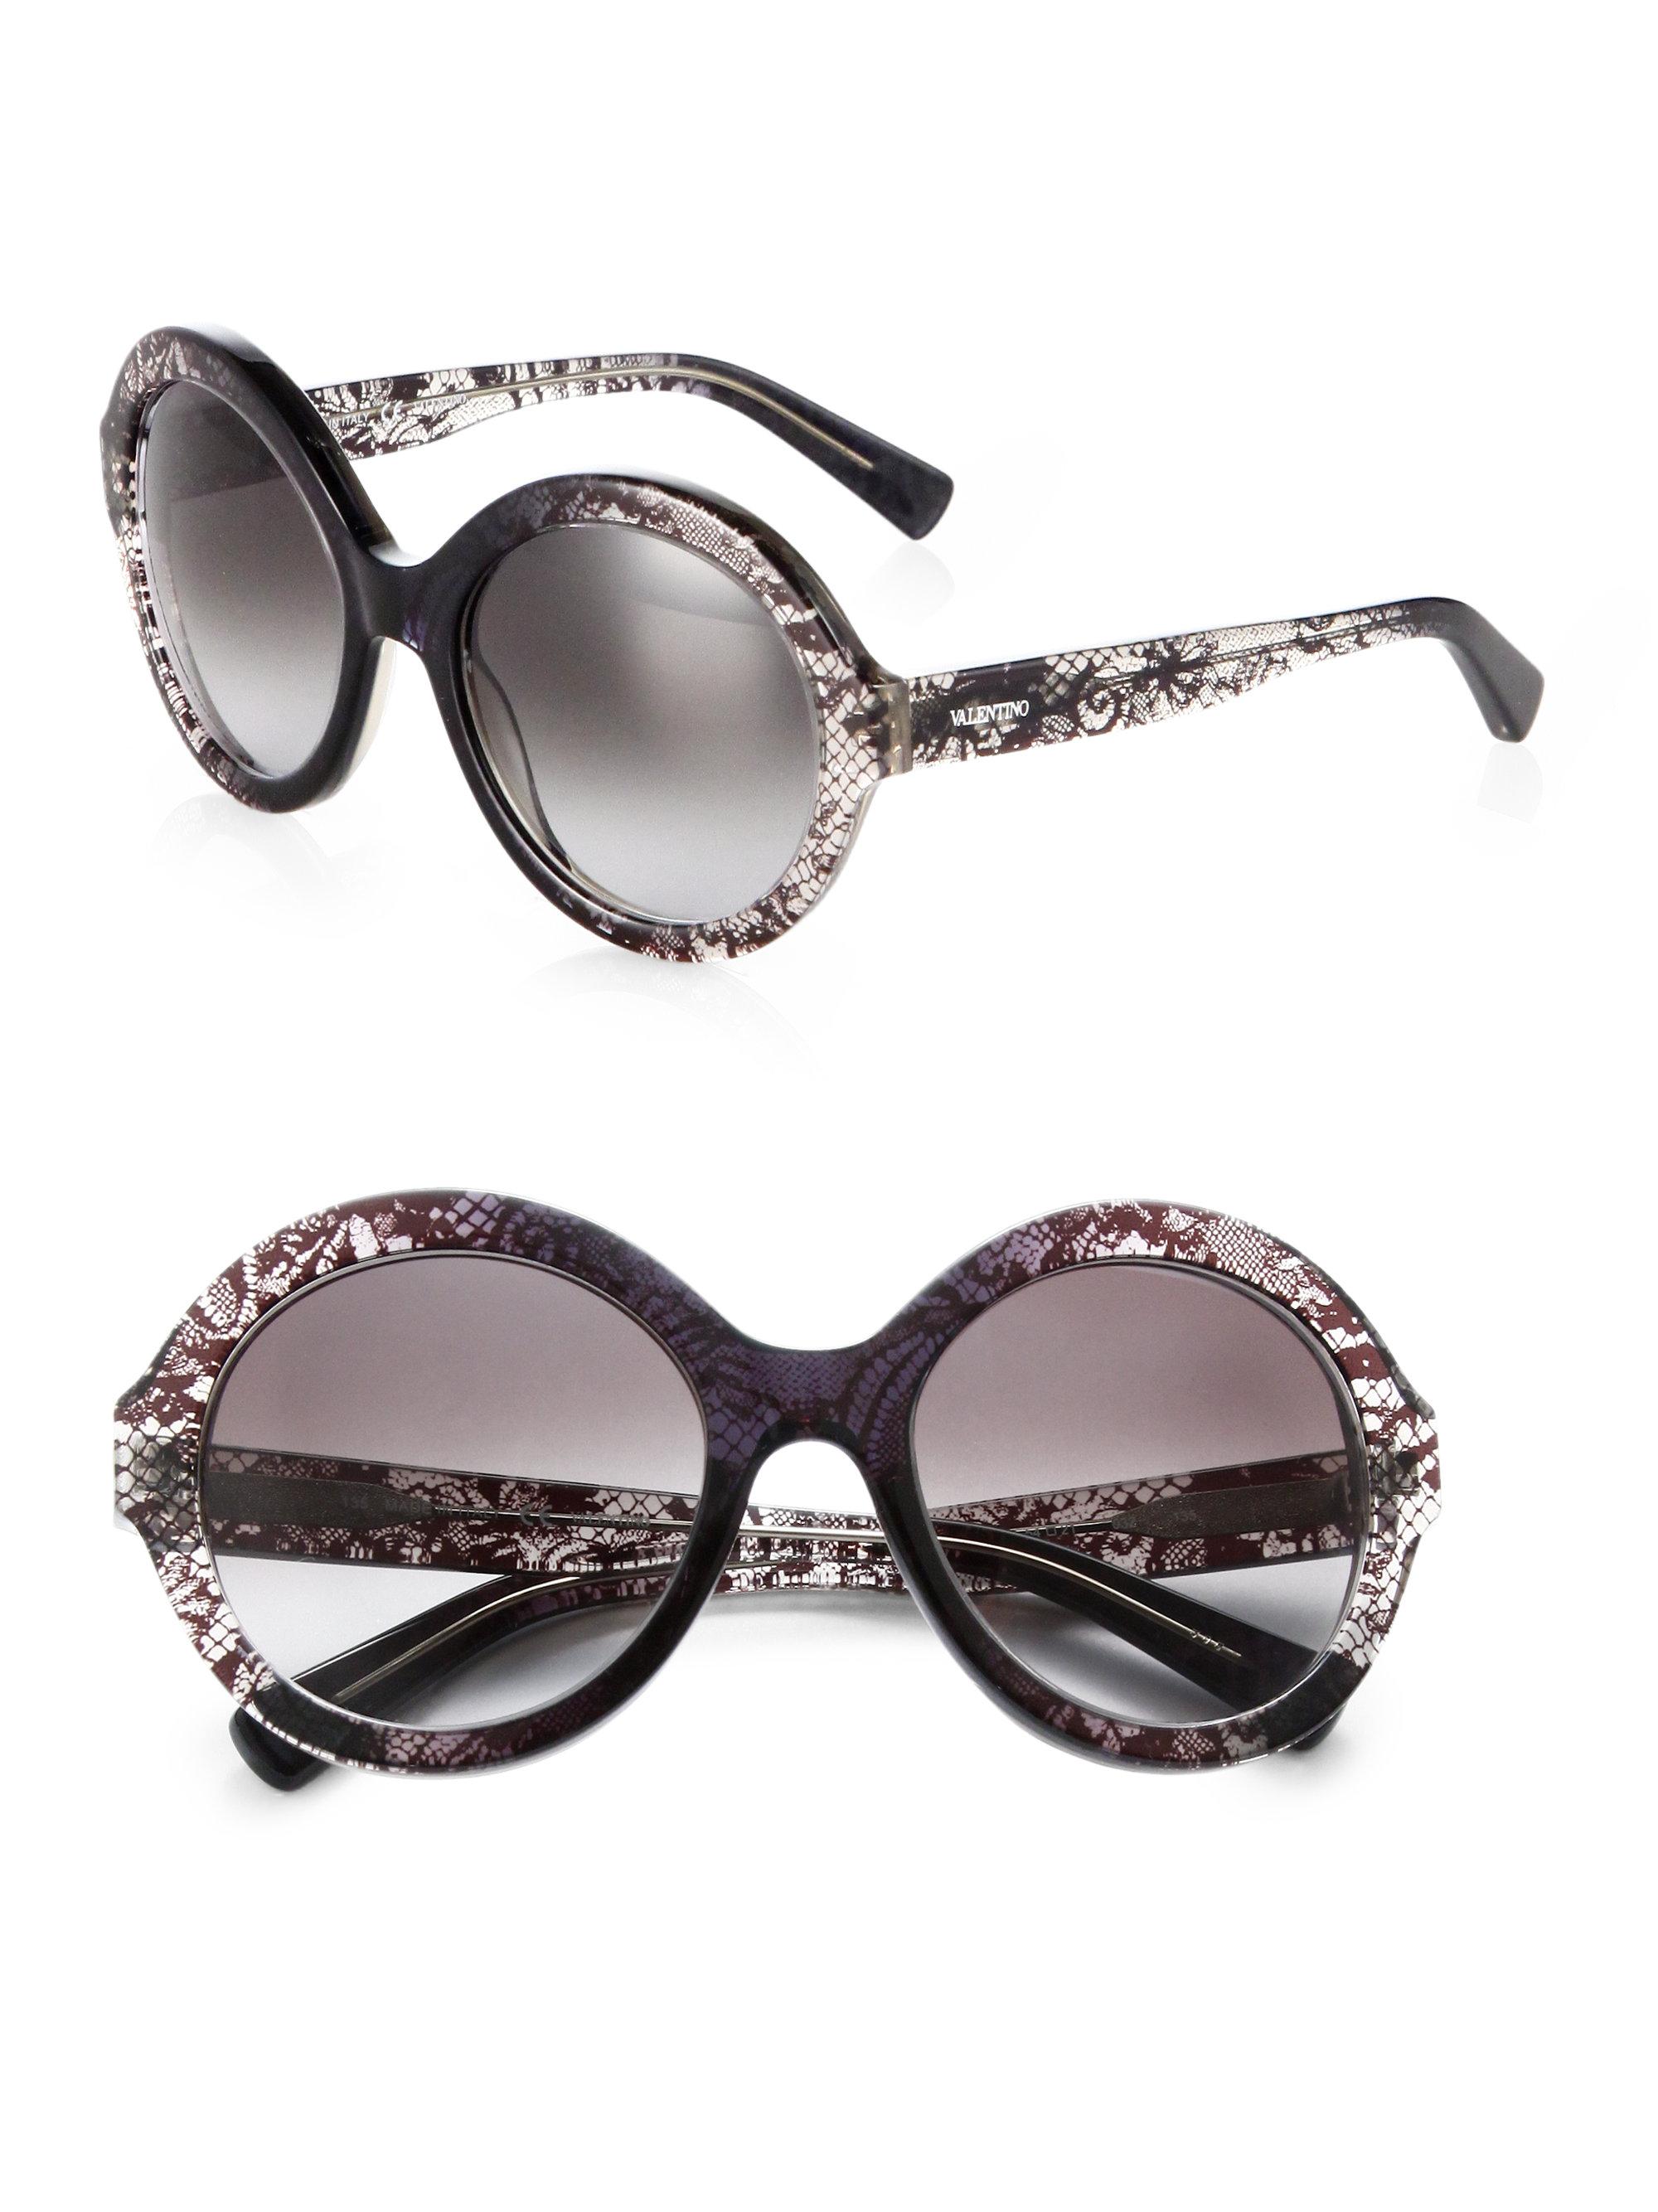 3eb9eb5e3a Valentino Oversized Round Lace Sunglasses in Gray - Lyst